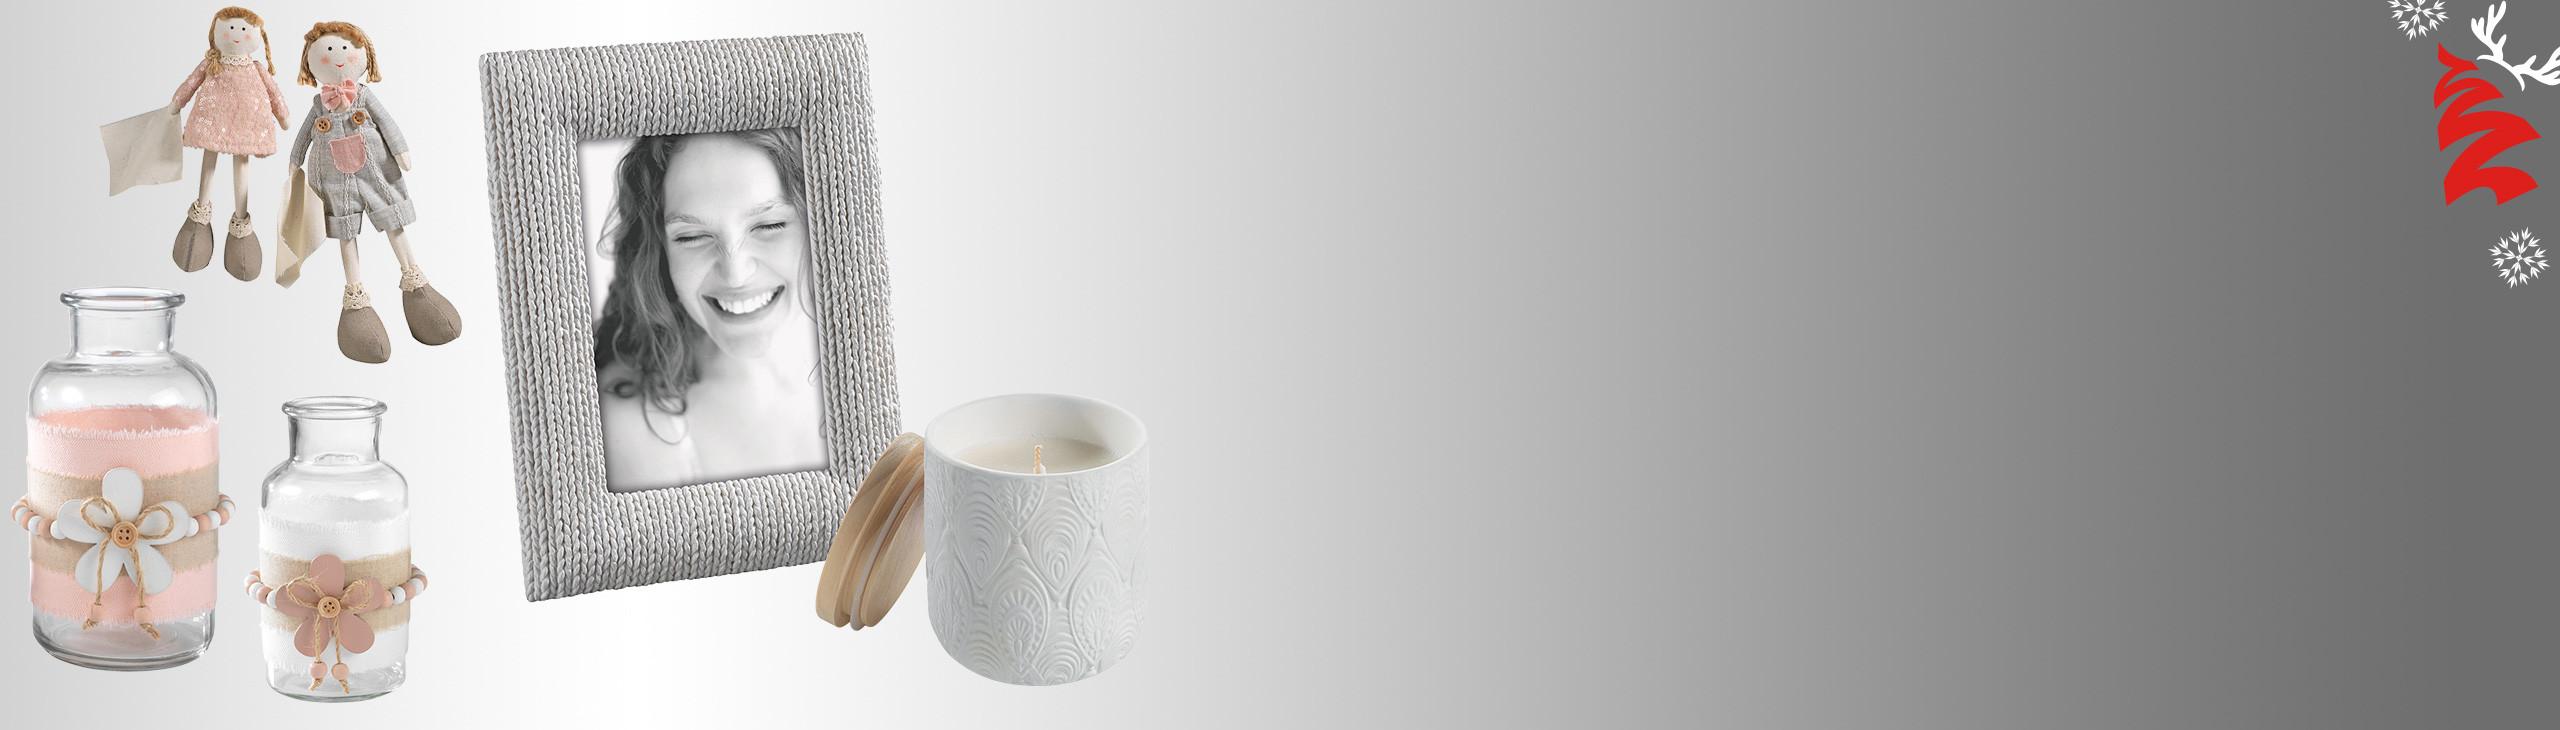 Mascagni casa shop online - Coin casa shop on line ...